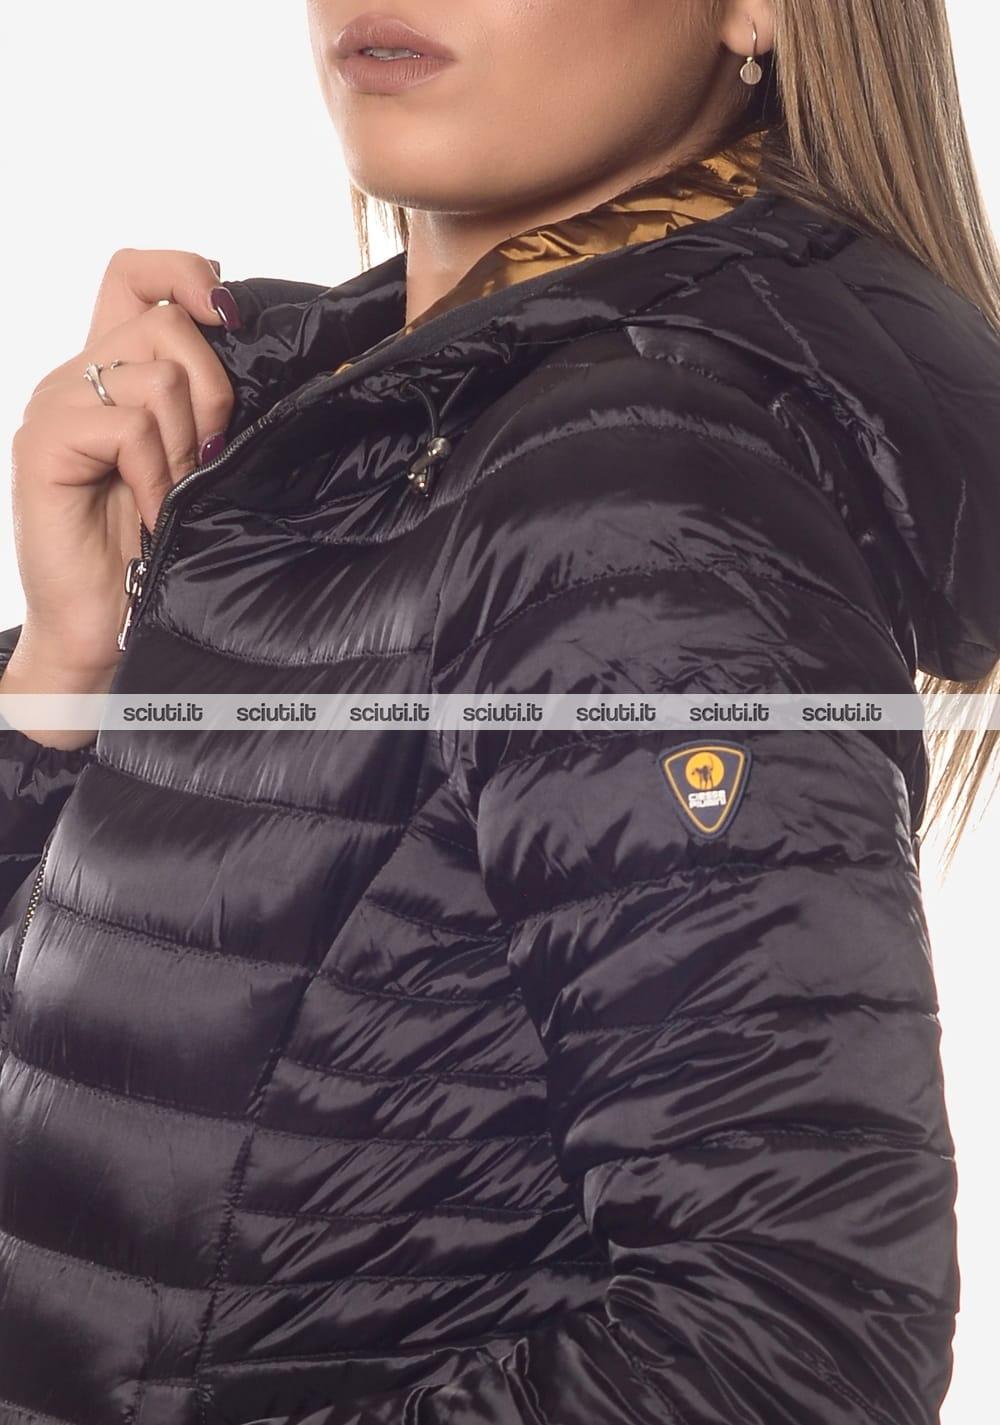 finest selection 3f595 68231 Piumino Ciesse donna Aghata satin con cappuccio nero | Sciuti.it